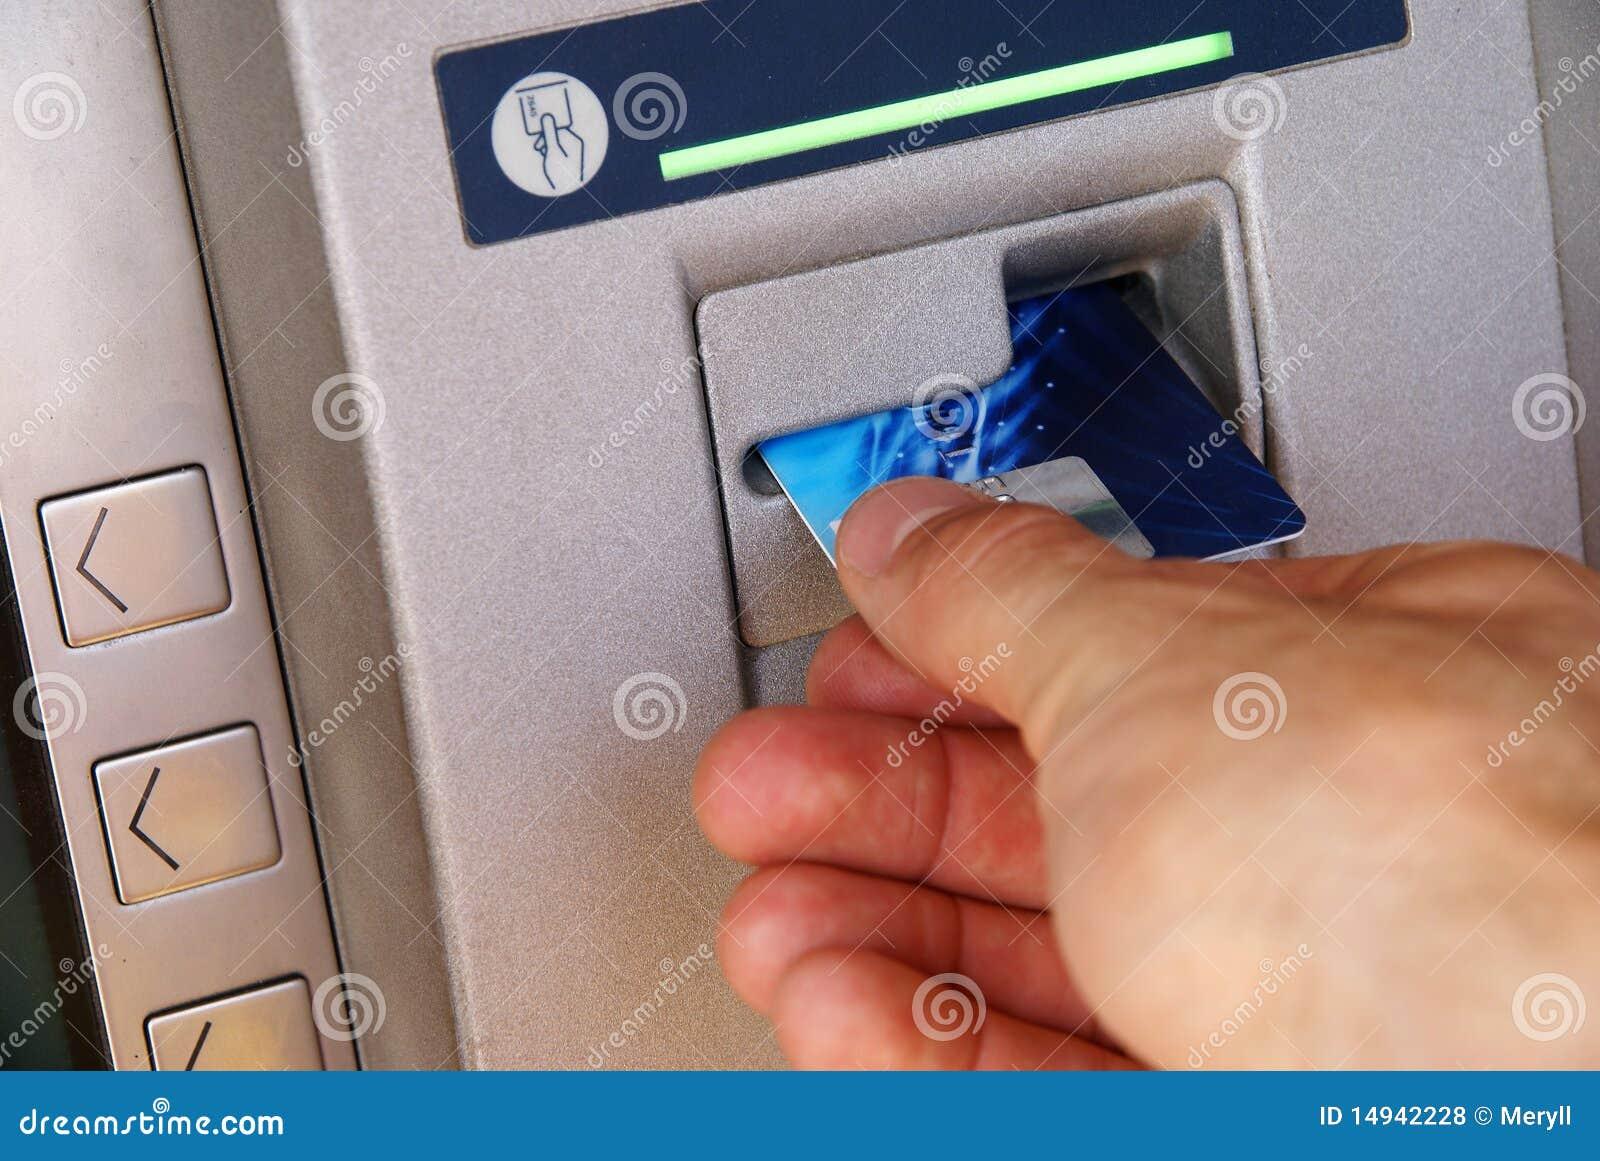 Retirada de dinheiro através do ATM